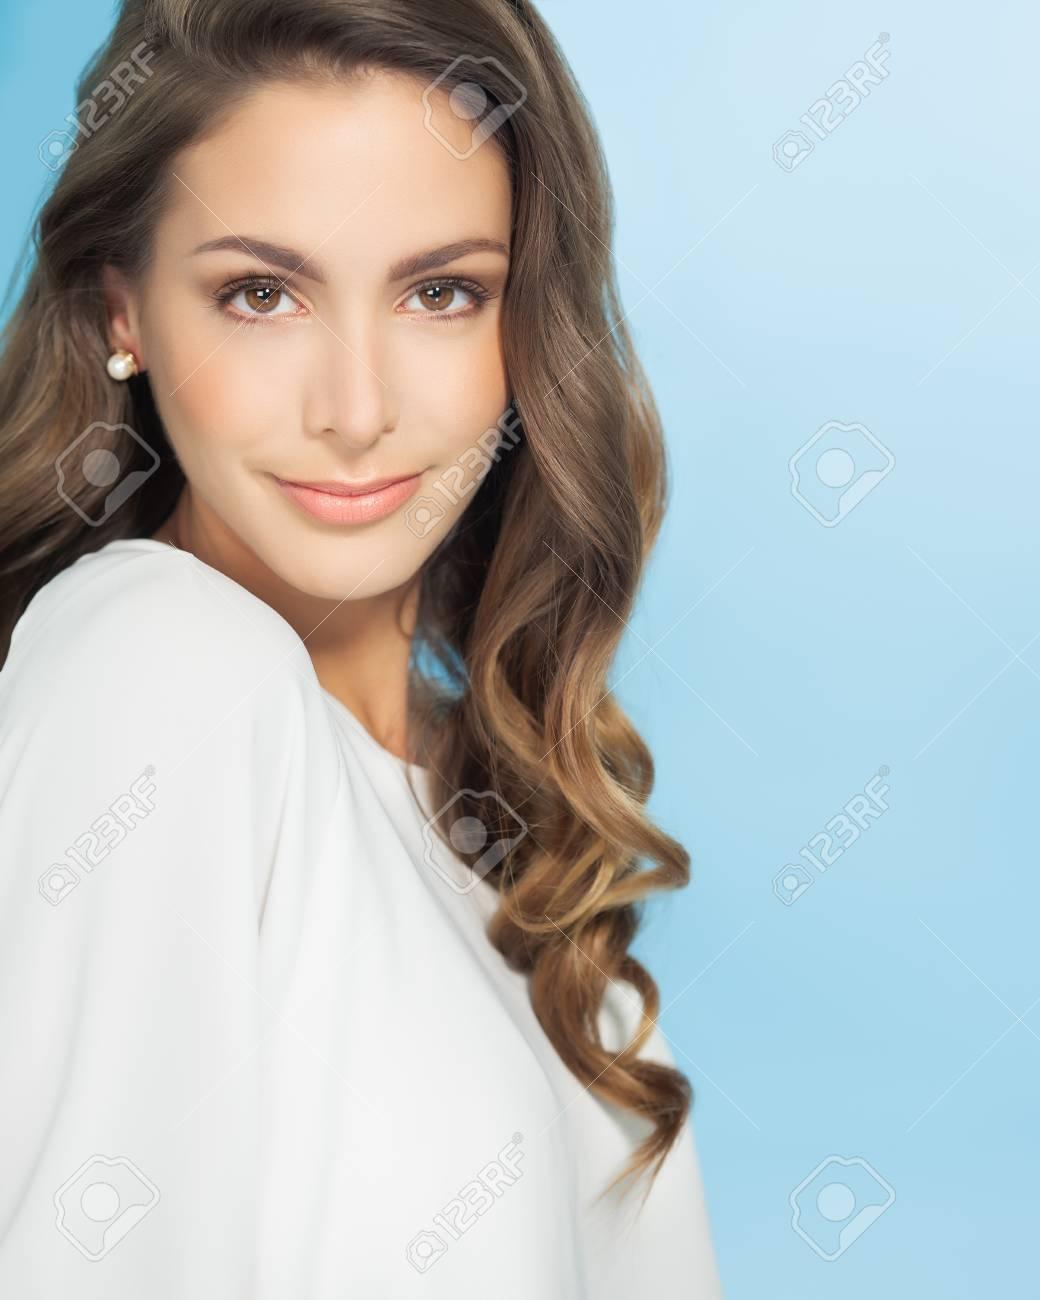 Schöne Lächelnde Junge Frau Mit Langen Haaren Auf Blauem Hintergrund